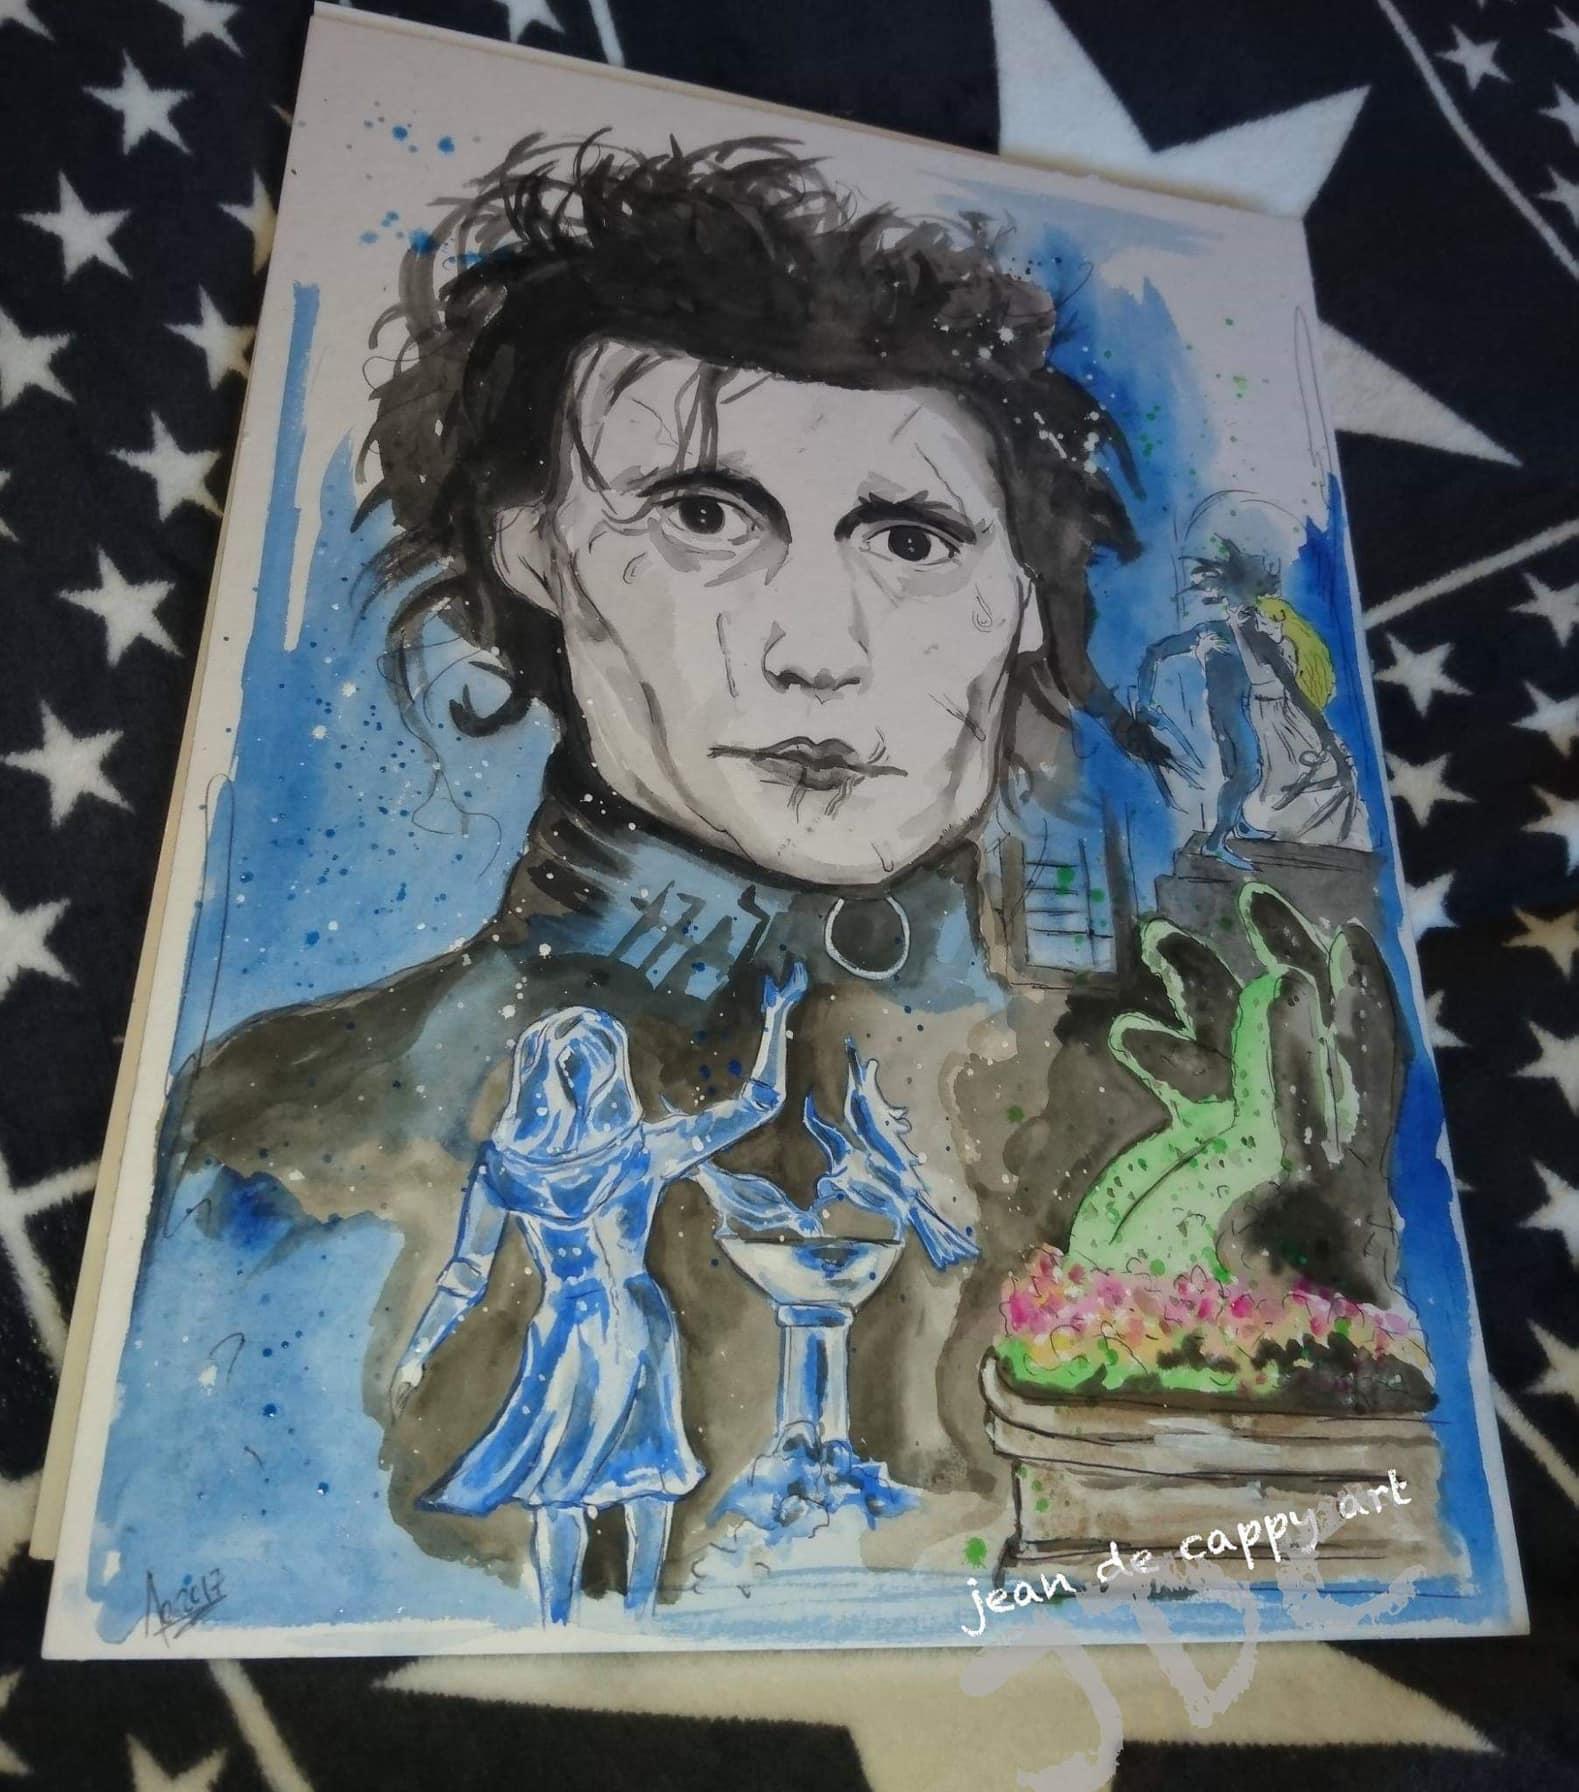 Edward Scissorhands (Edward mit den Scherenhänden) gespielt von Johnny Depp, gemalt von Jean De Cappy Art